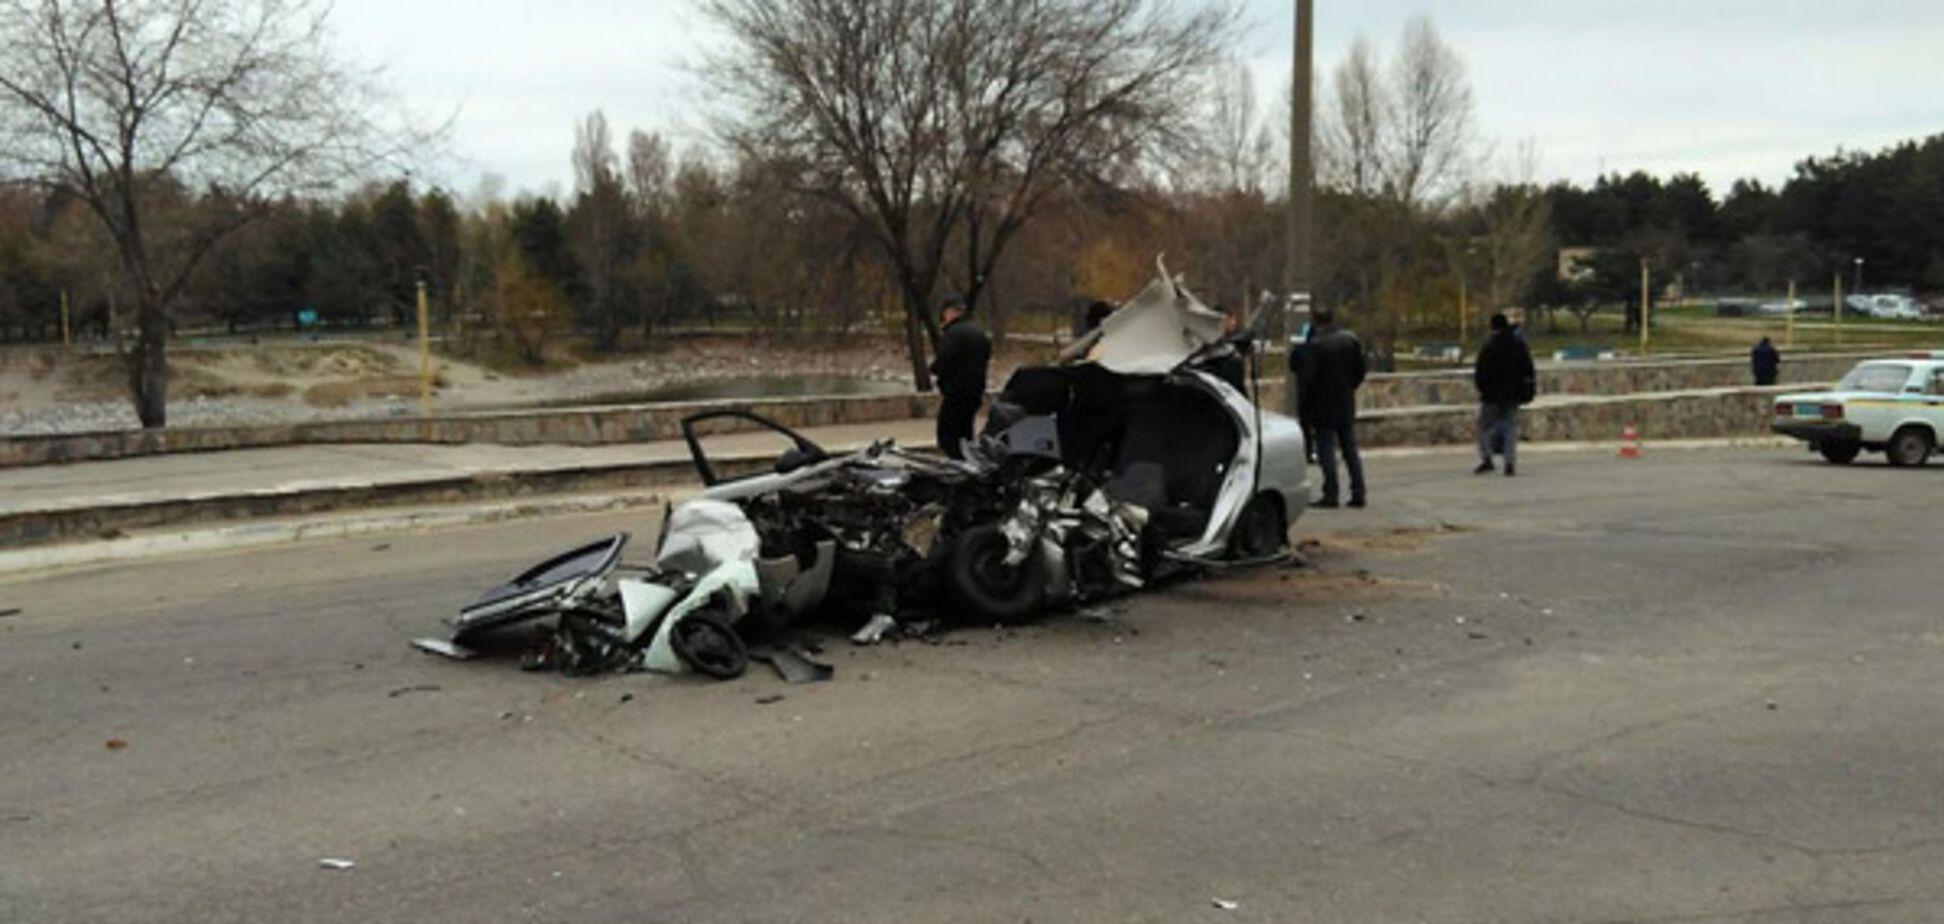 Жуткое ДТП в области: легковушка врезалась в грузовик, есть жертвы (ФОТО)